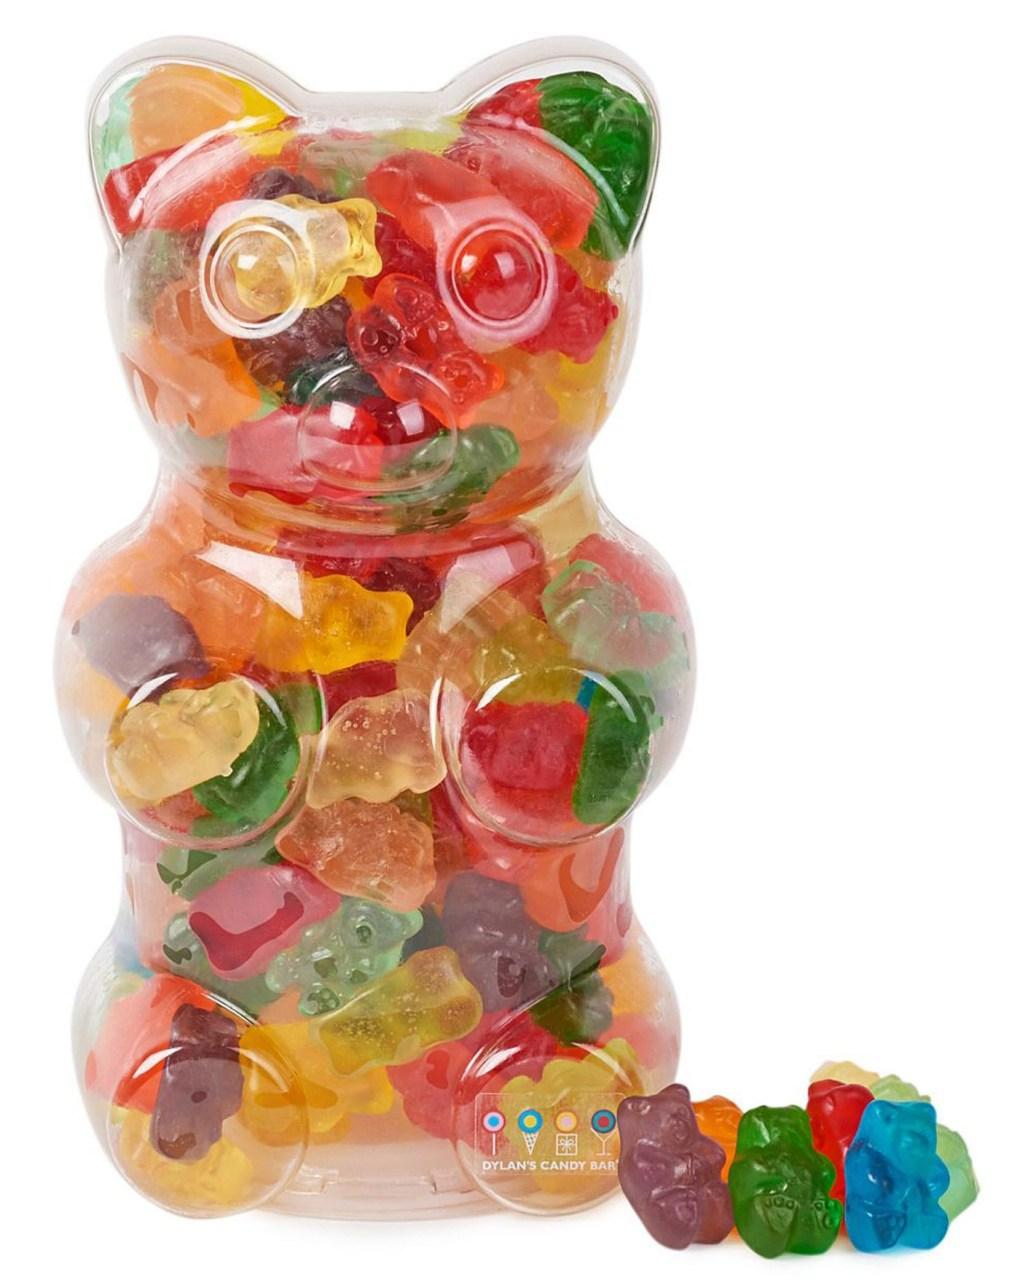 dylans-gummy-bear-banl.jpg